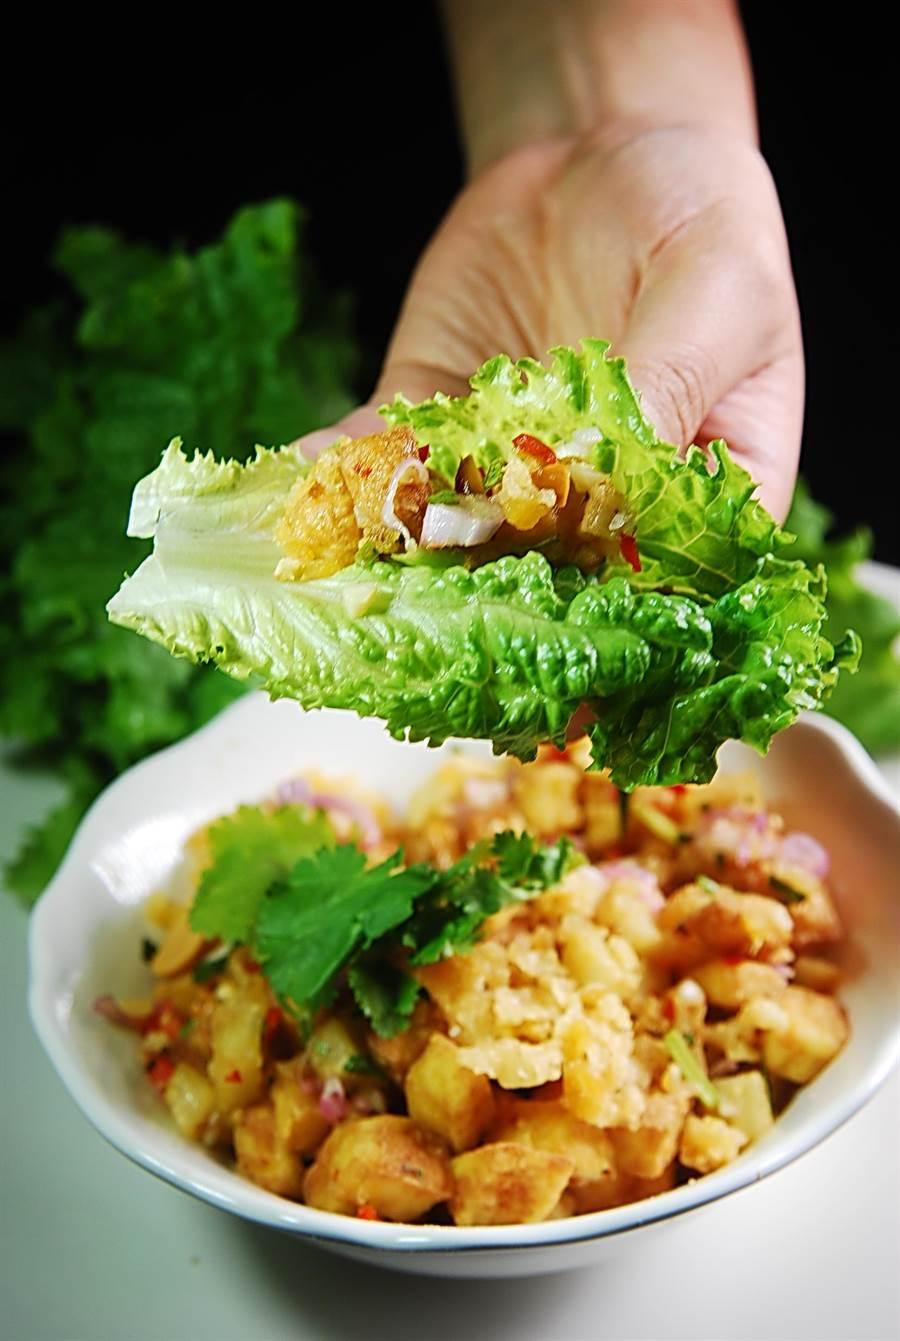 全素的〈泰式豆腐酥〉是用炸豆腐與酥炸黃豆餅乾,與花生、辣椒、紅洋蔥和檸檬葉搭配作餡,以生菜葉包捲吃食。(圖/姚舜攝)